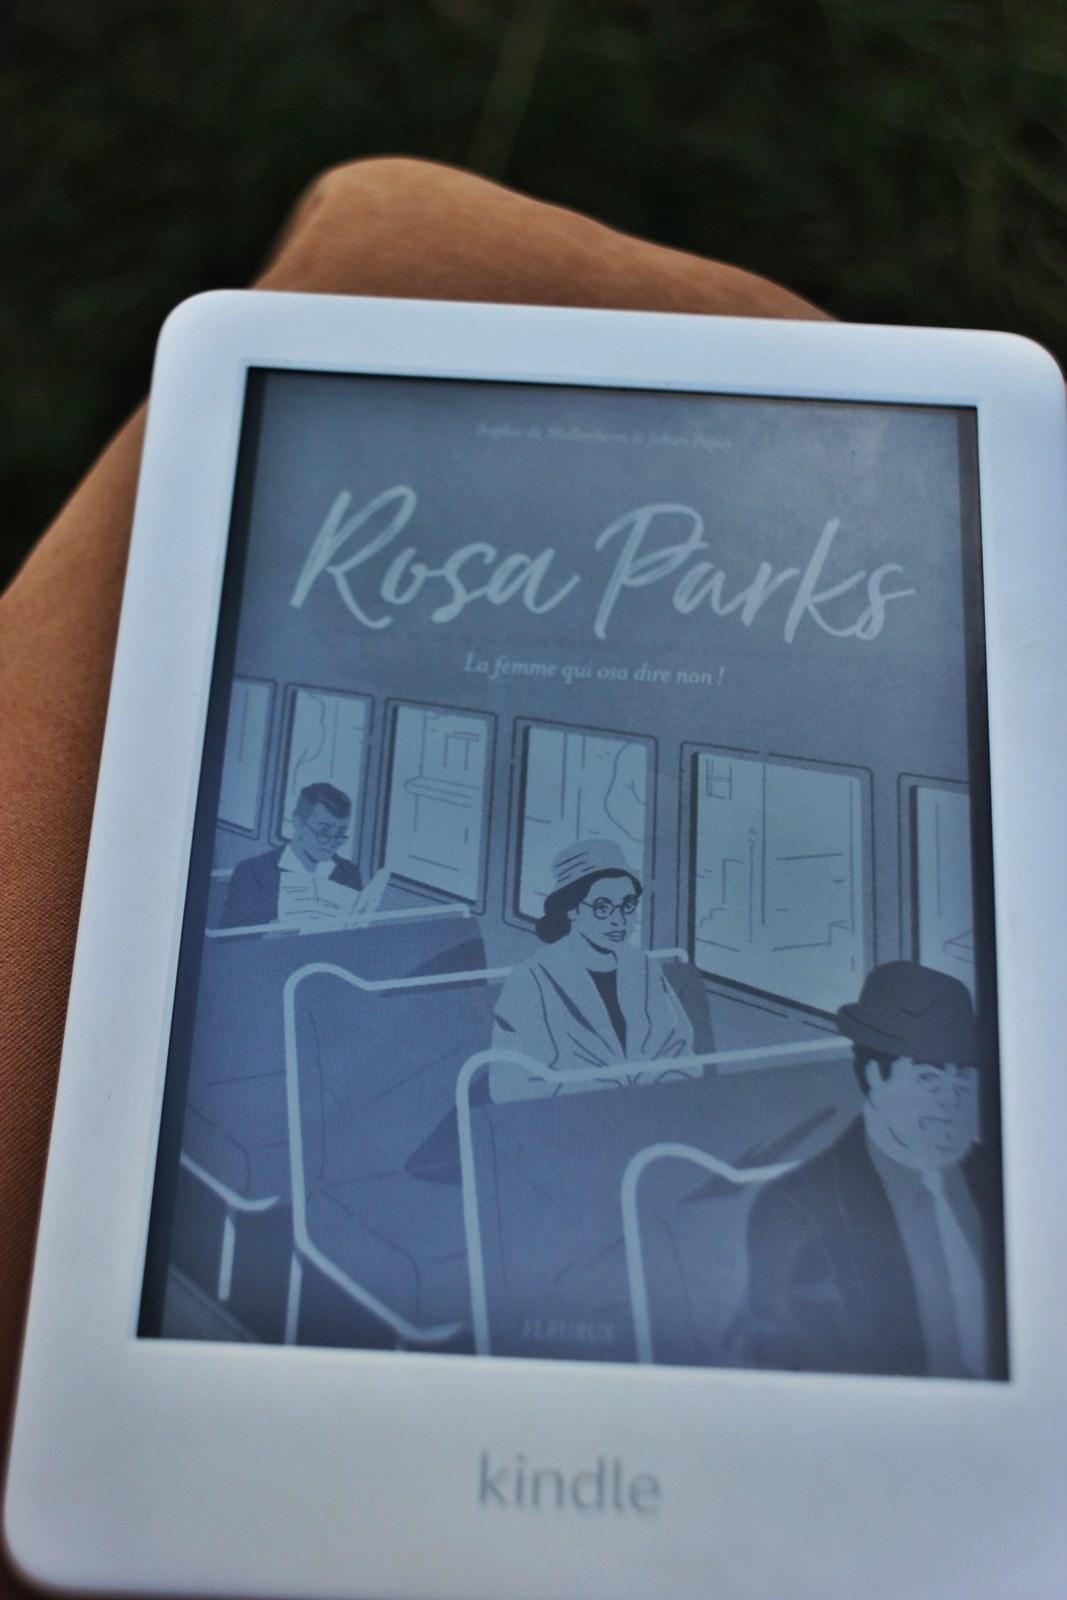 Rosa parks kindle